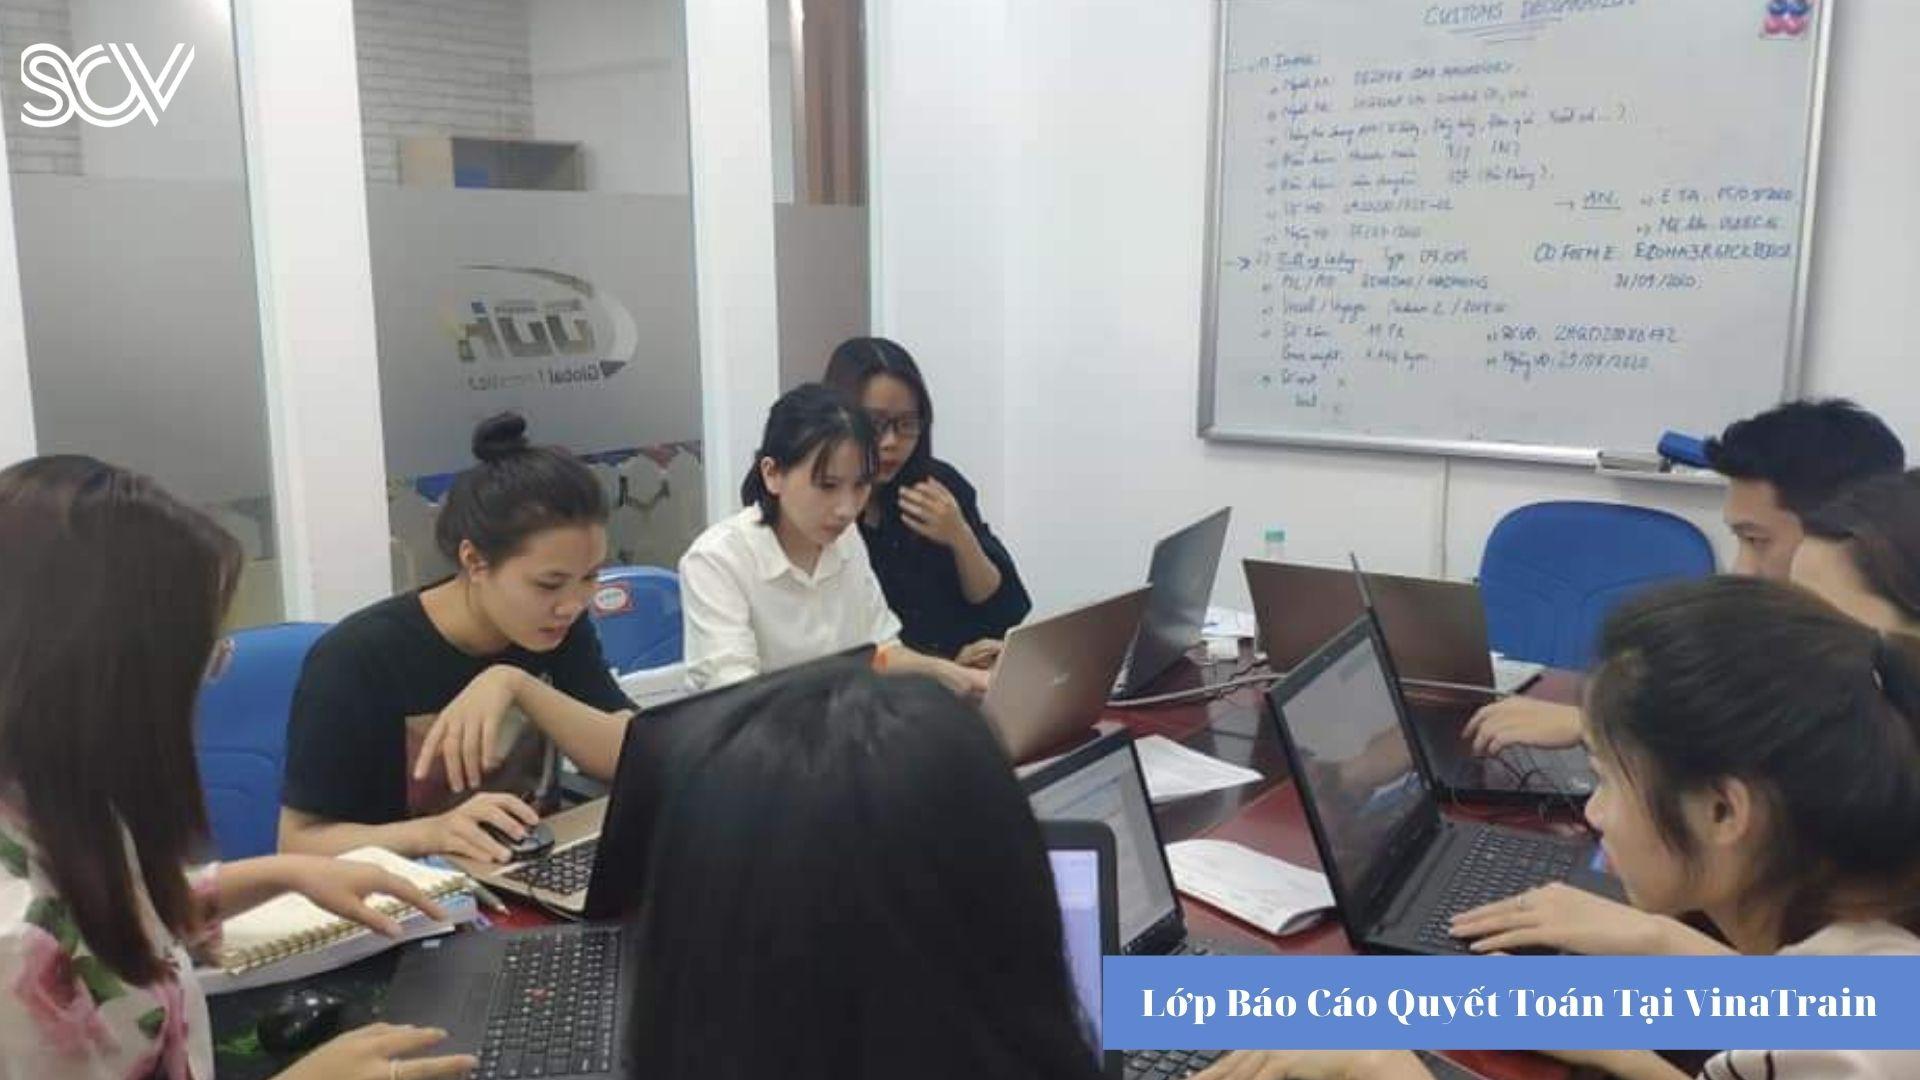 Lớp học báo cáo quyết toán tại VinaTrain (Nguồn: VinaTrain Viêt Nam)